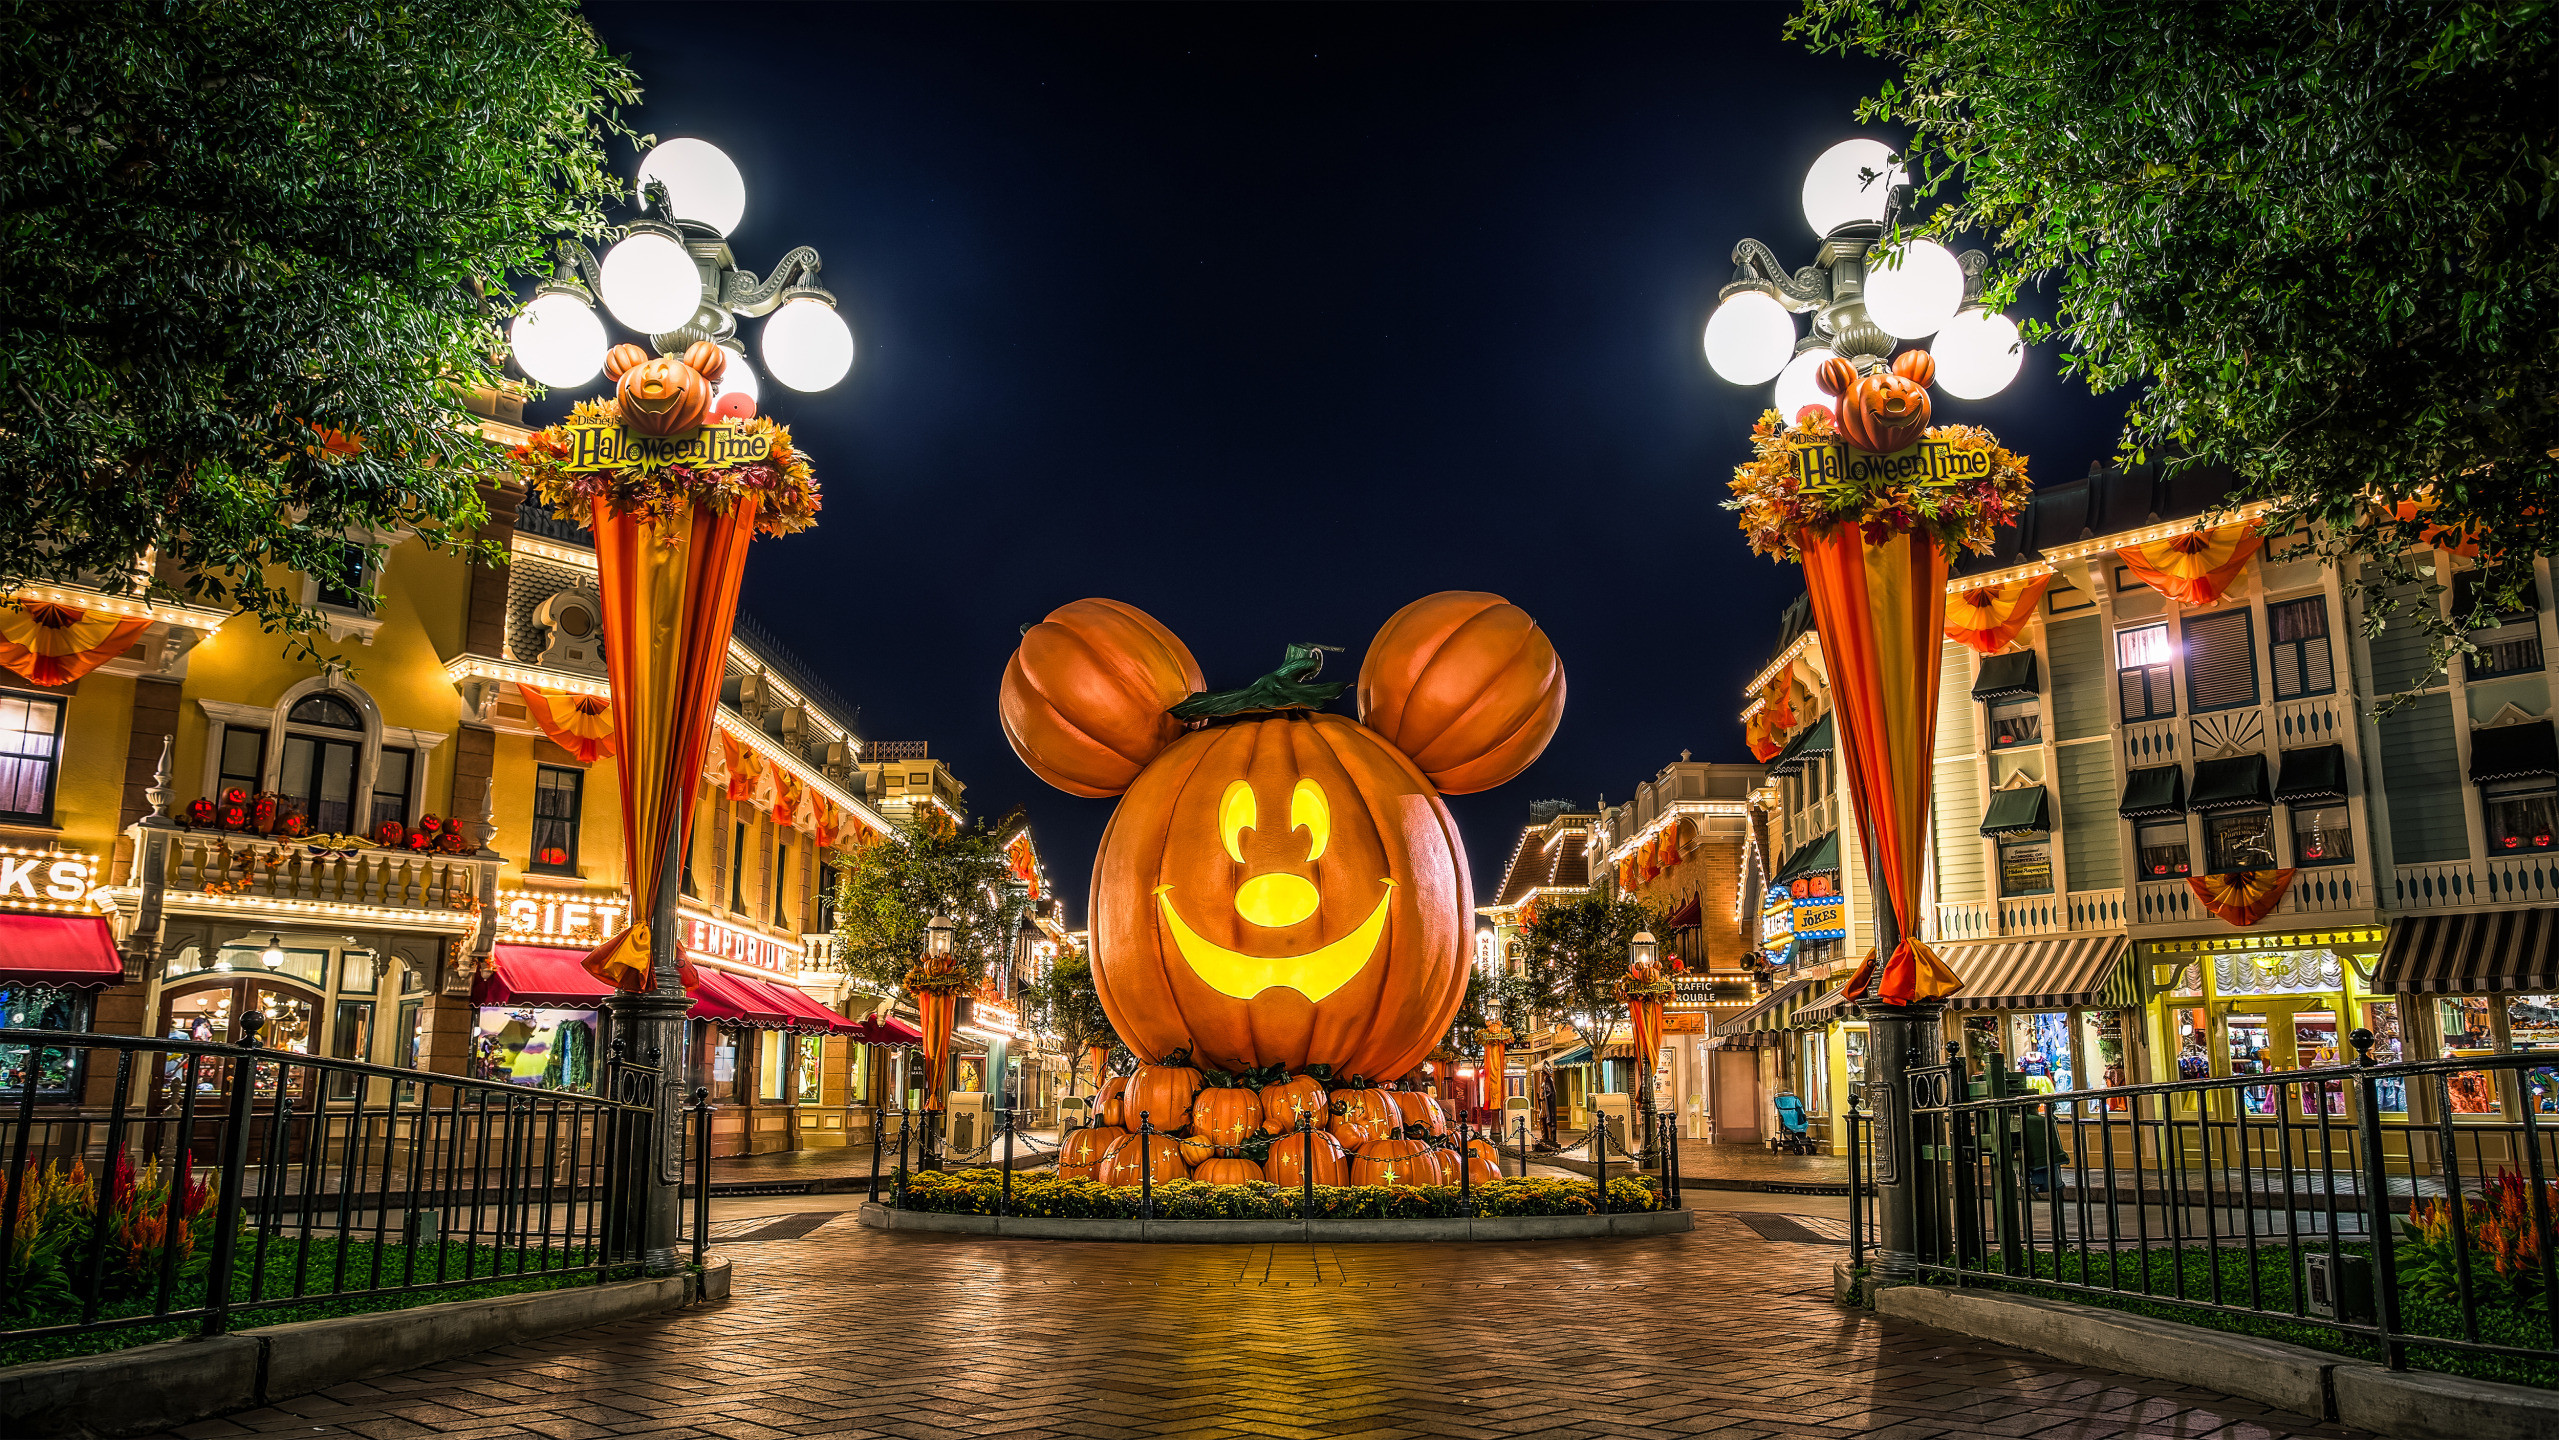 Disney Halloween Desktop Wallpaper Posted By Ryan Sellers